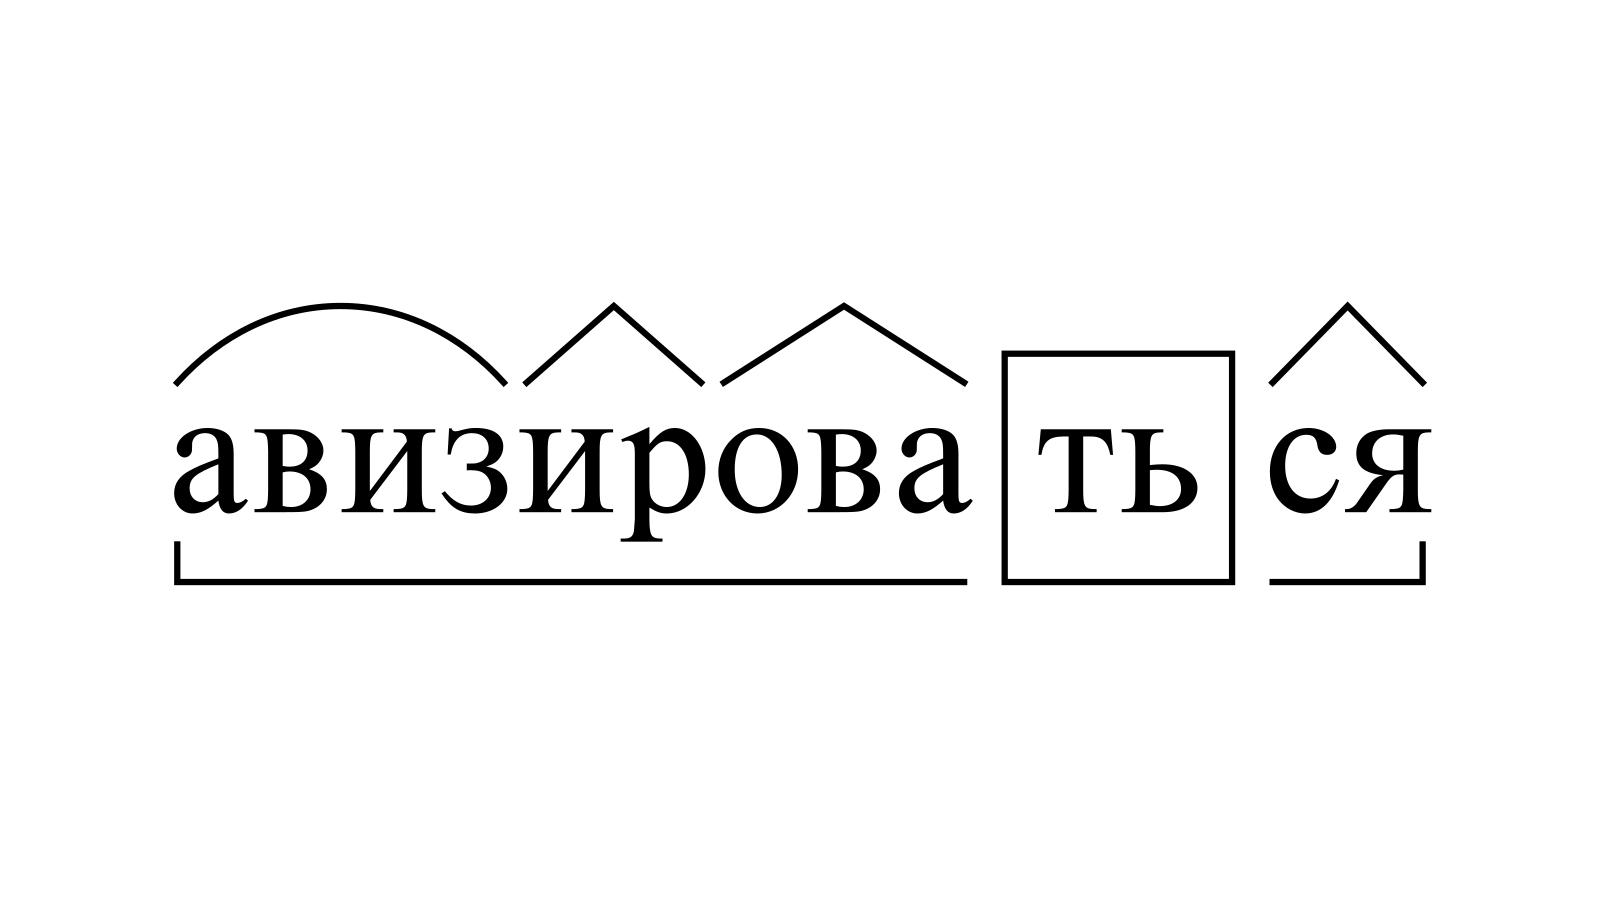 Разбор слова «авизироваться» по составу